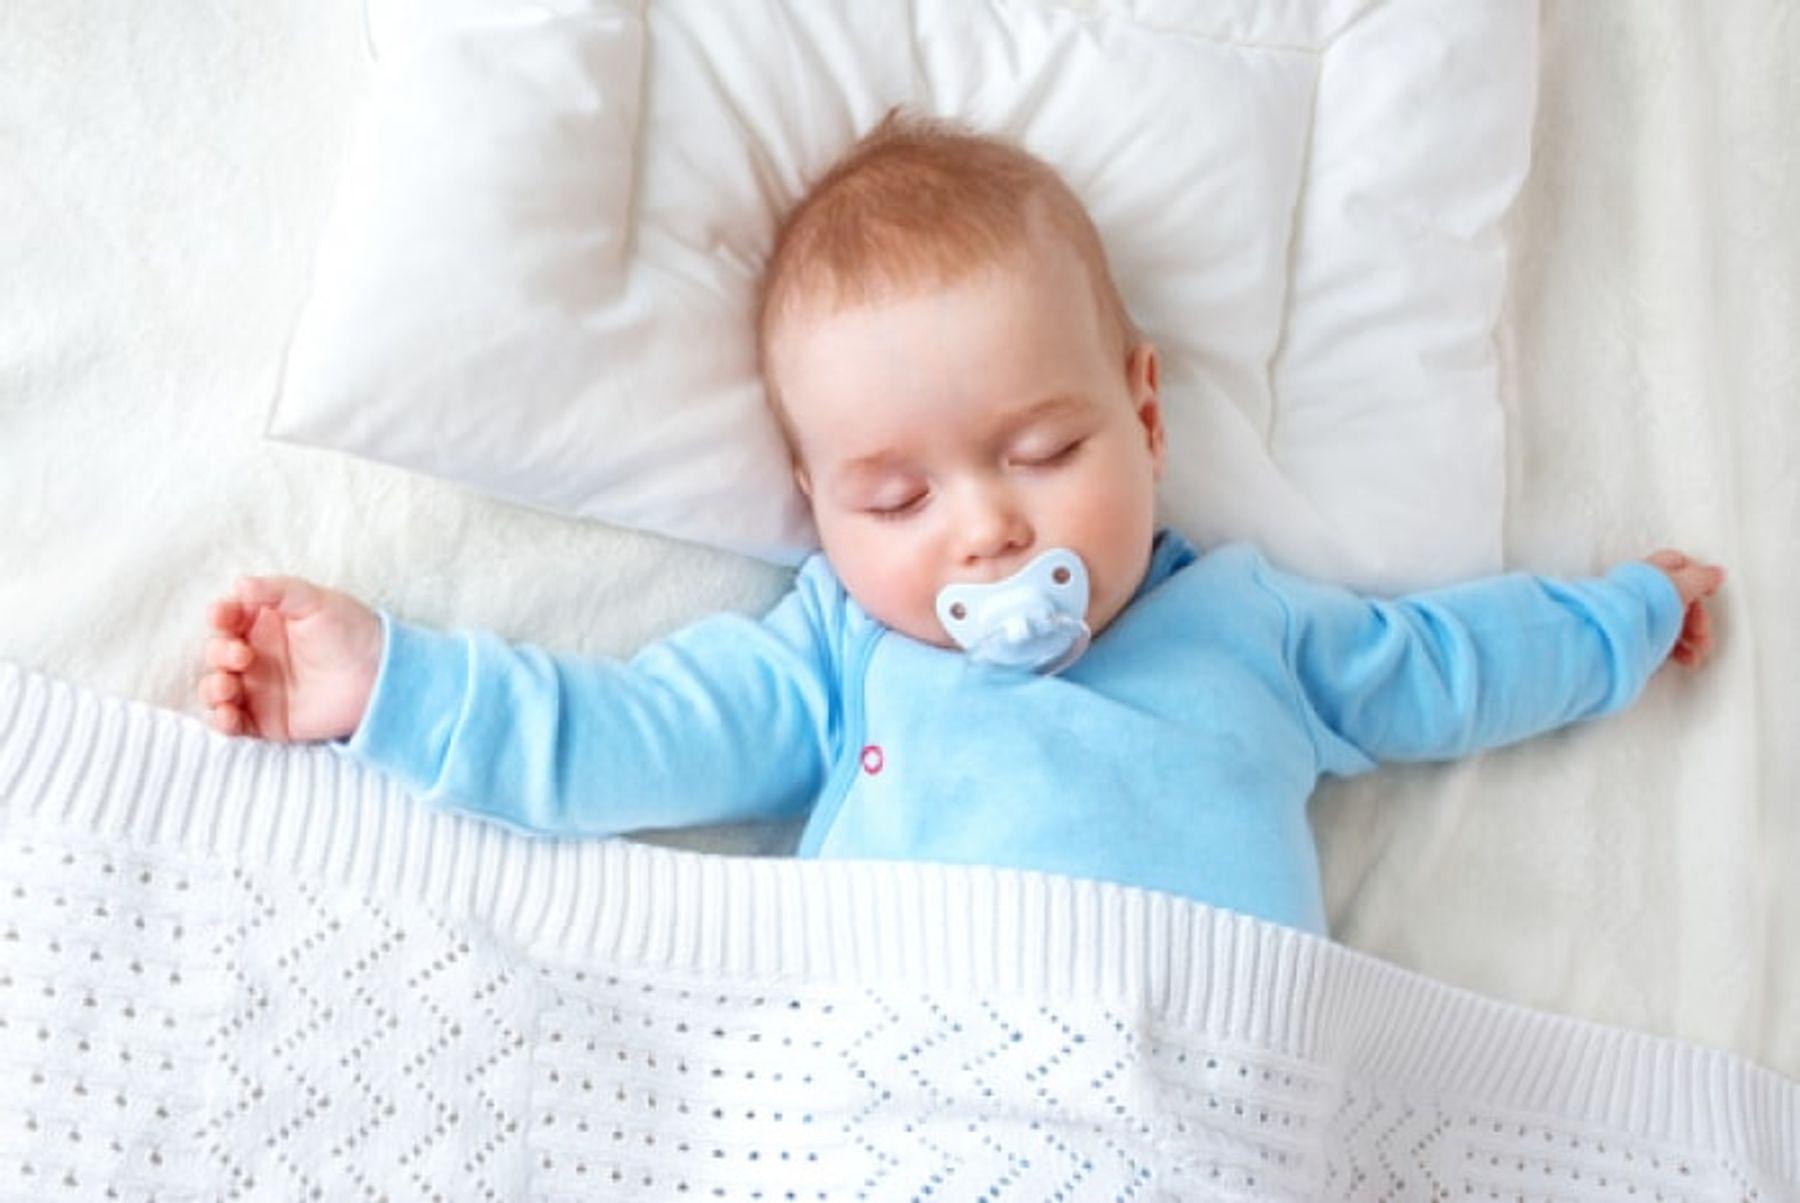 Có nên dùng gối cho trẻ sơ sinh?